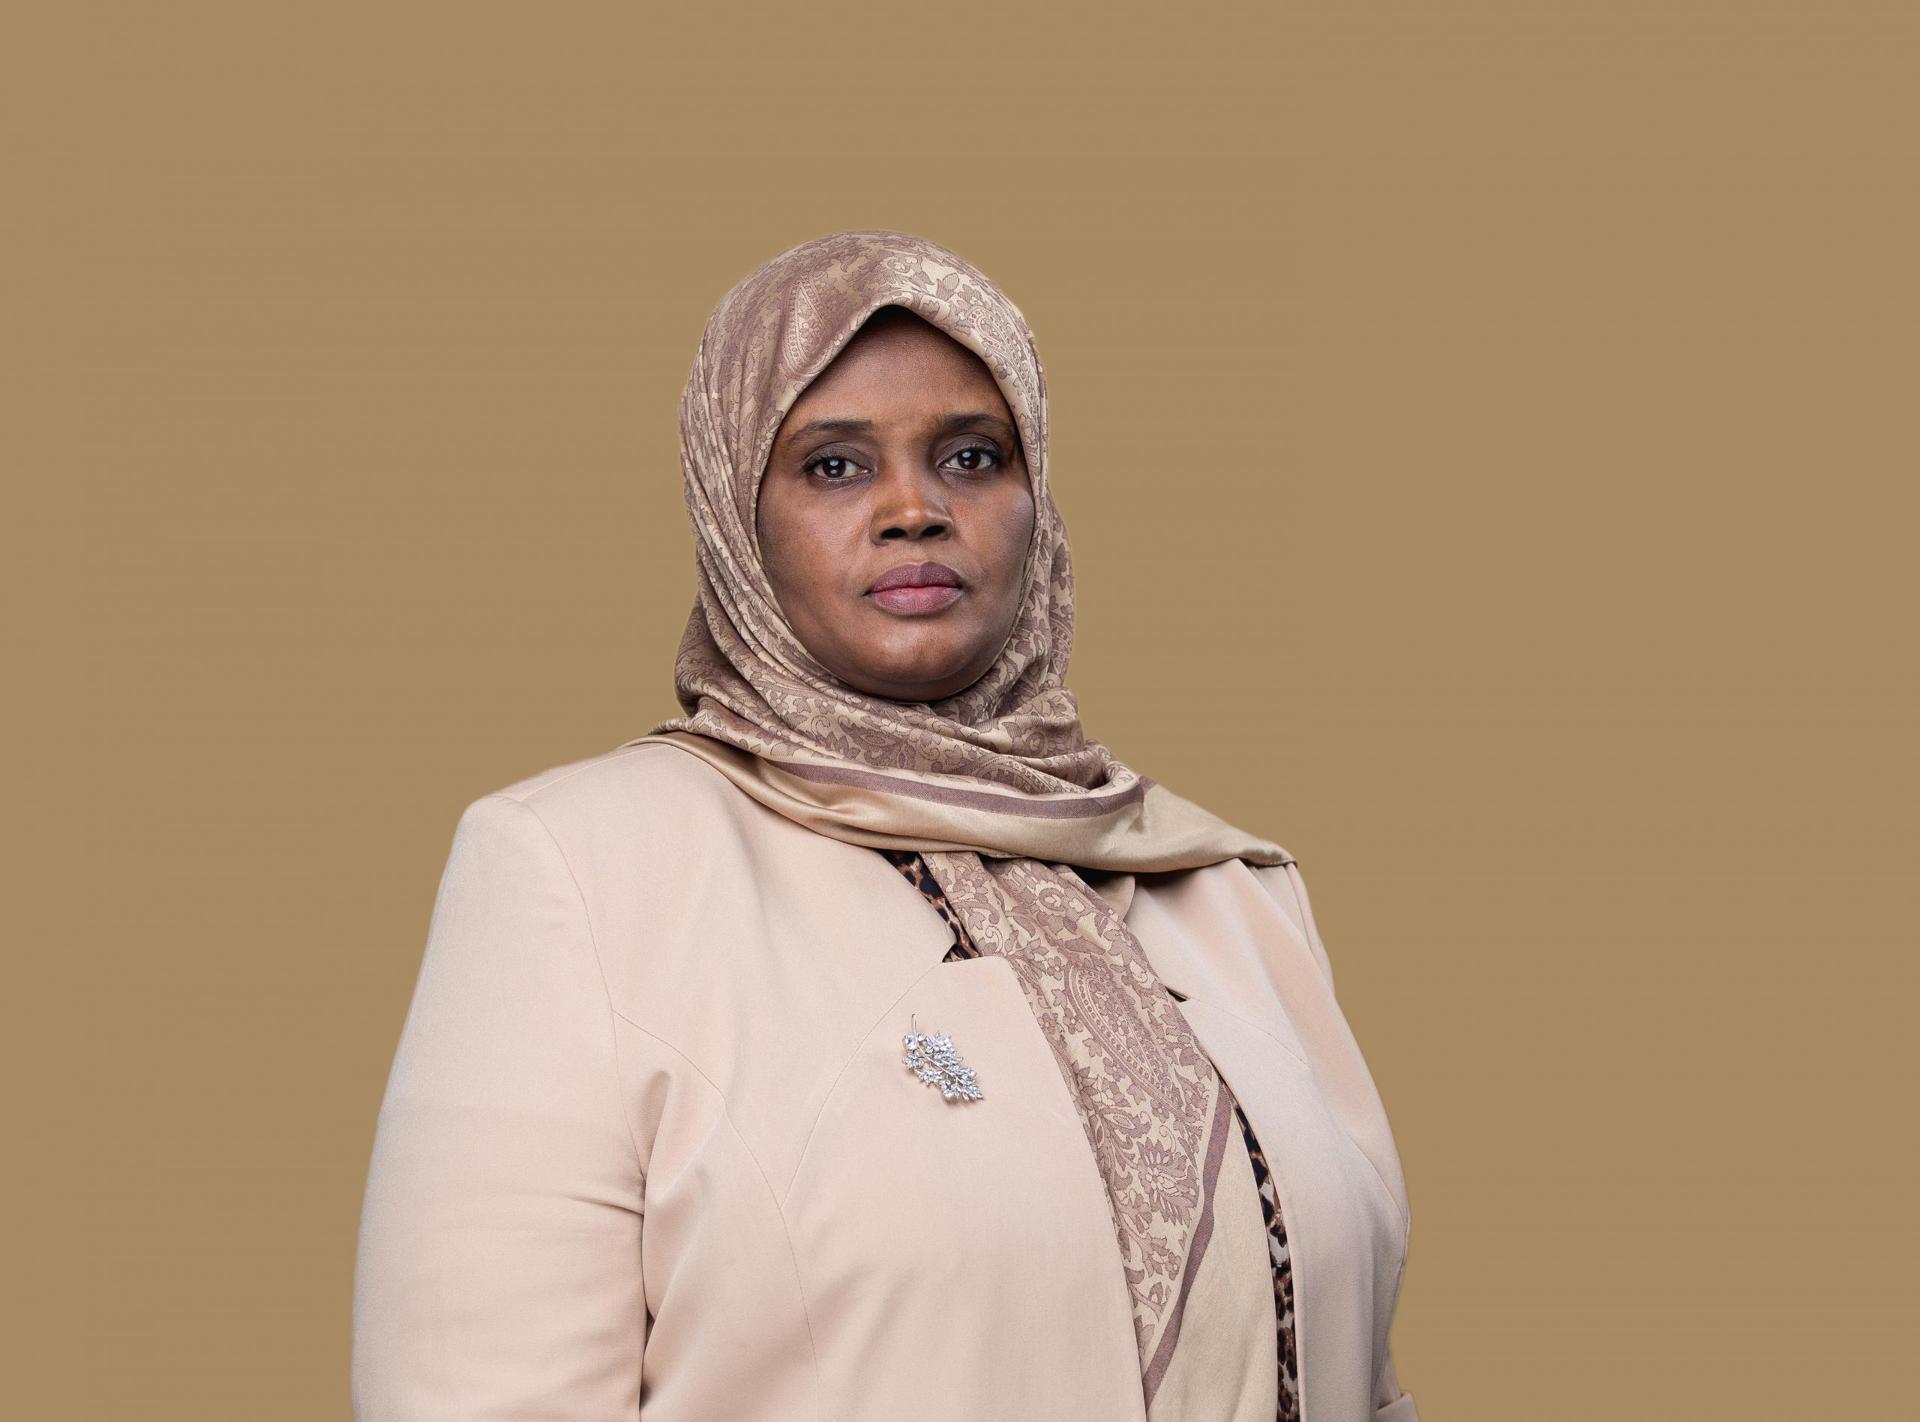 وزيرة الثقافة تتعهد بدعم المشهد الثقافي في مدن الجنوب